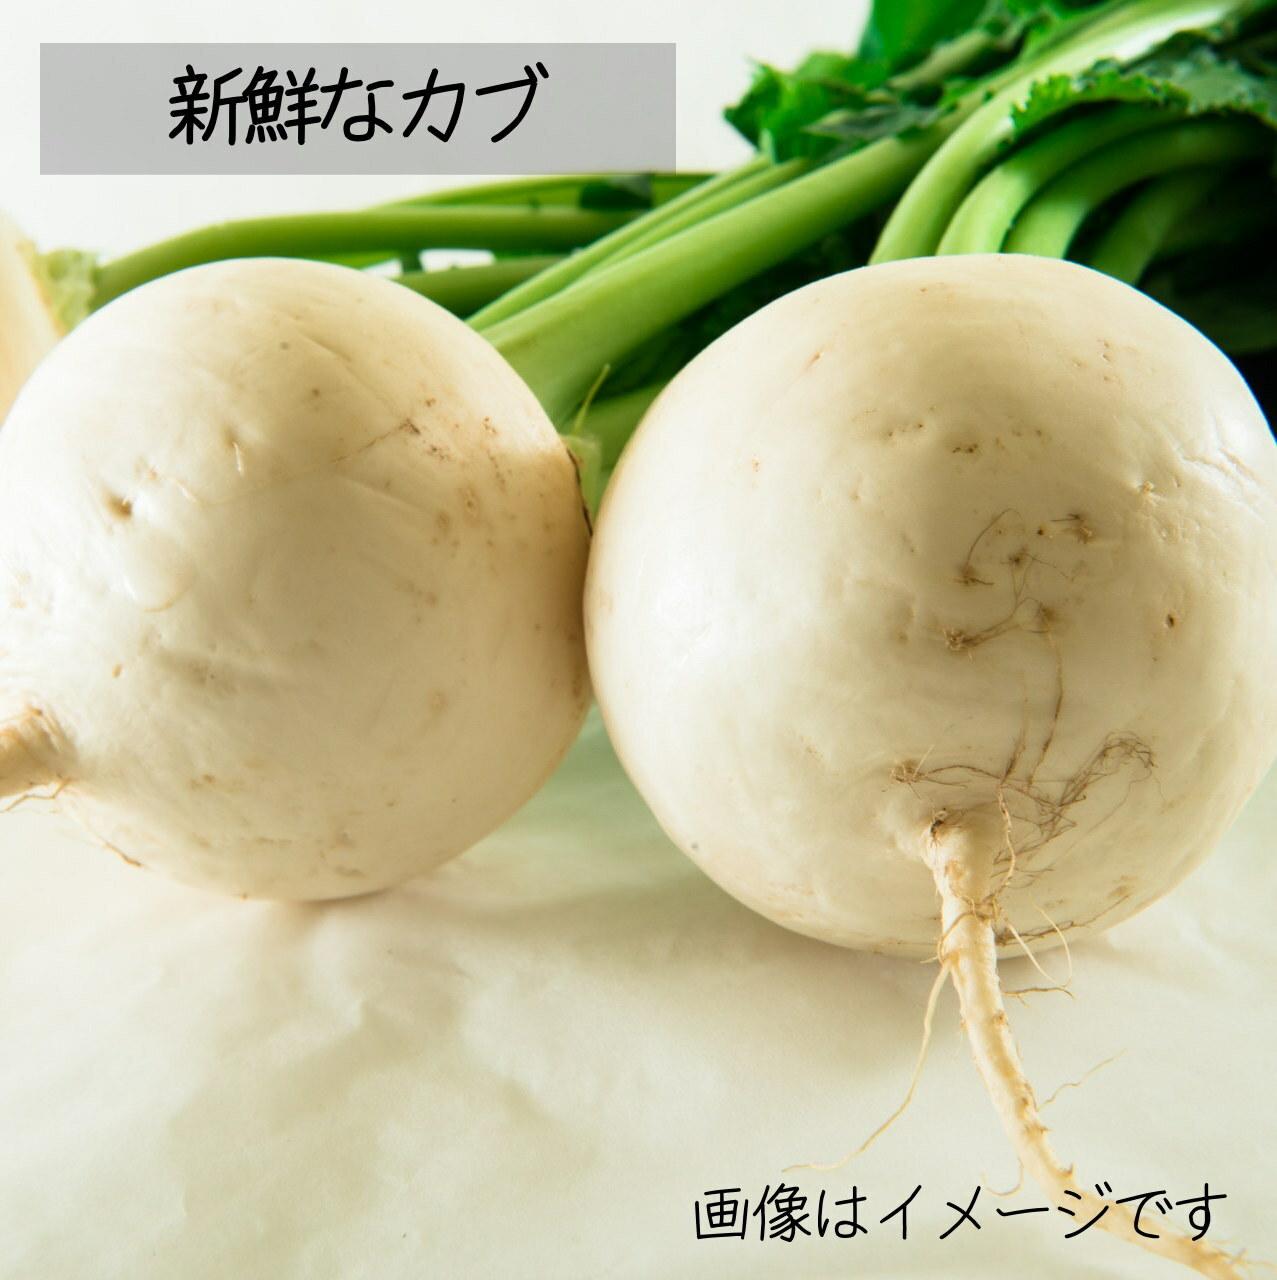 10月の朝採り直売野菜 : カブ 約3~4個  新鮮な秋野菜 10月26日発送予定